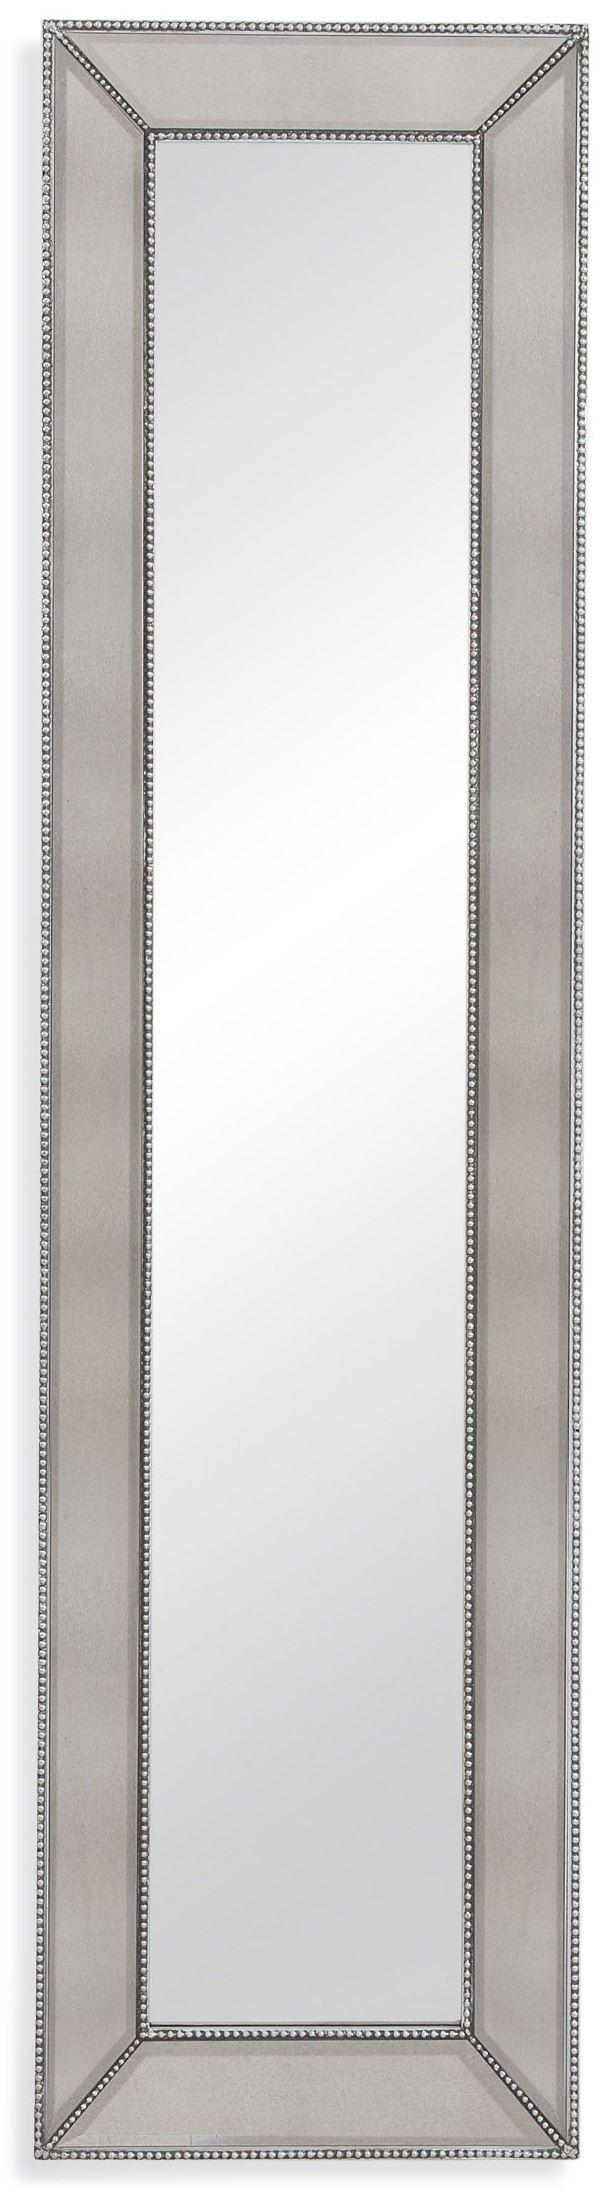 beaded leaner mirror m3591bec bassett mirror